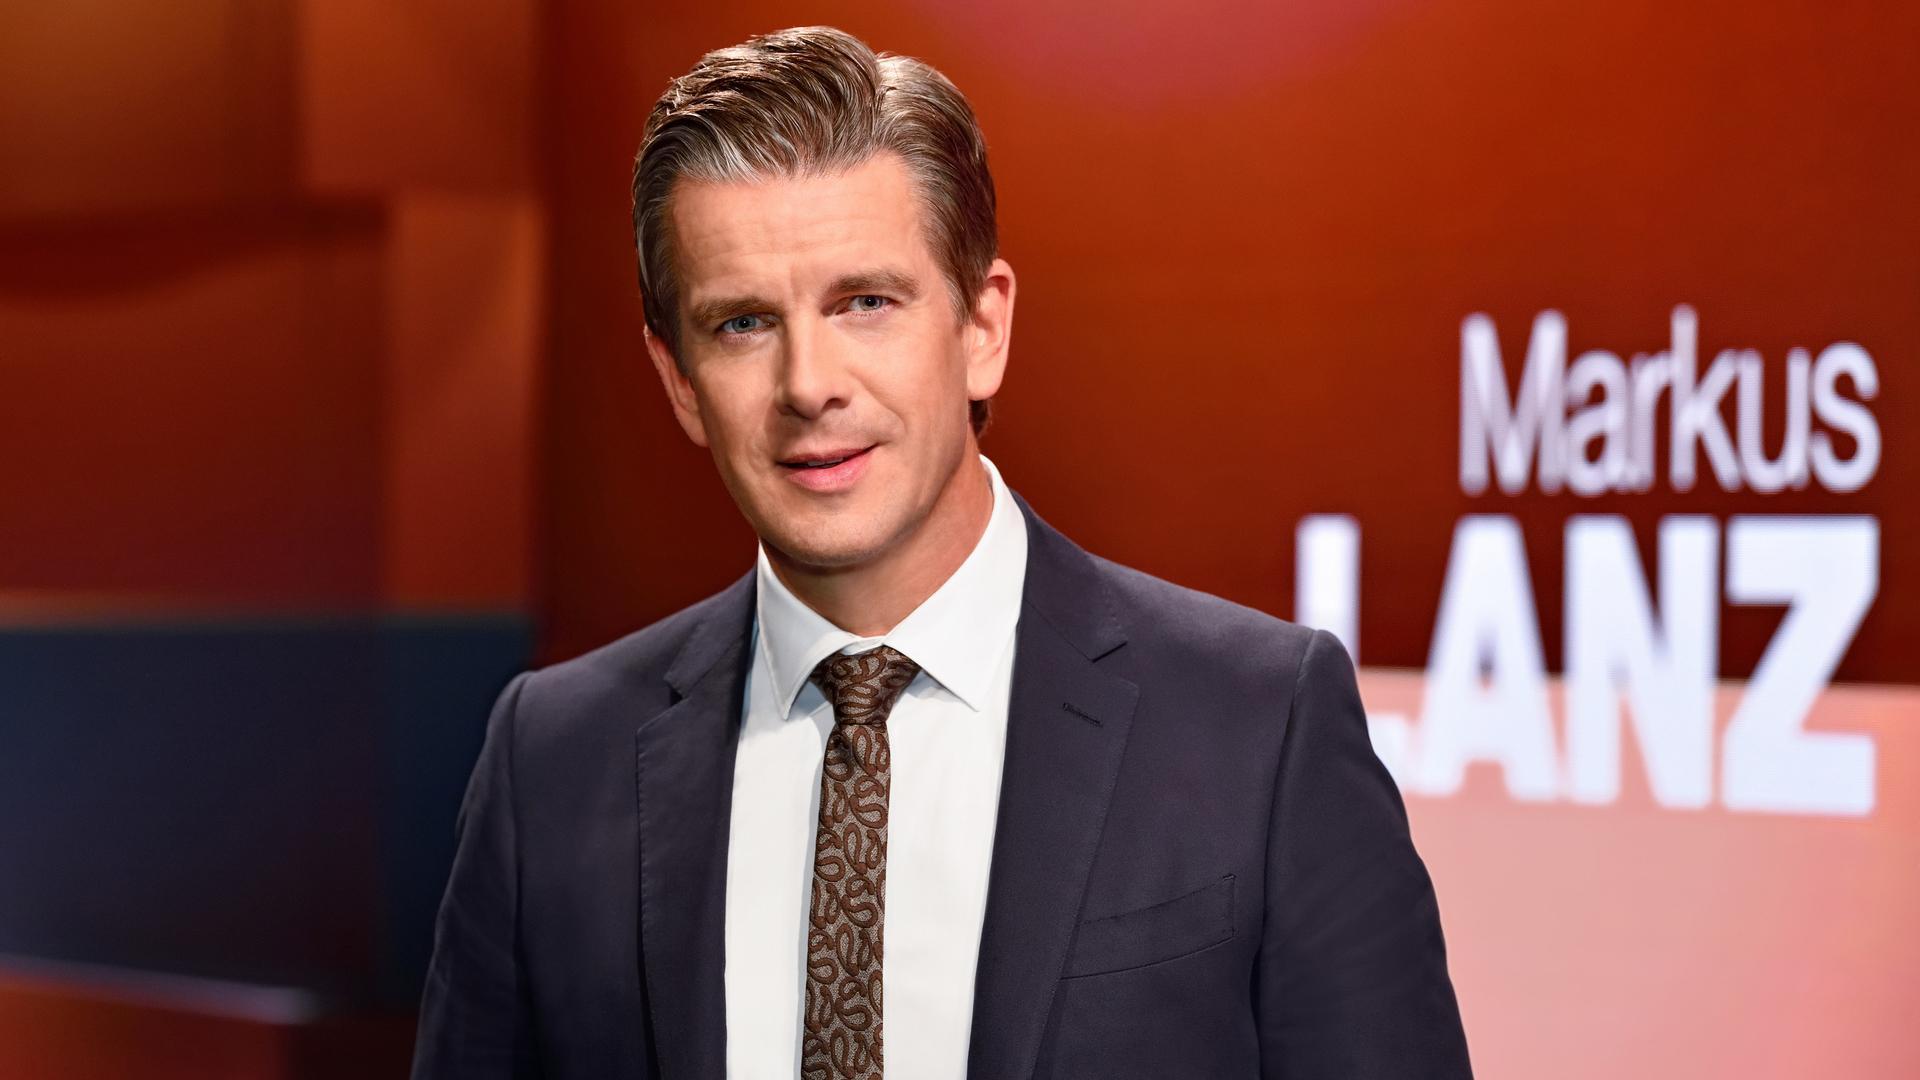 Markus Lanz hat seit 2008 seine eigene Talkshow im ZDF